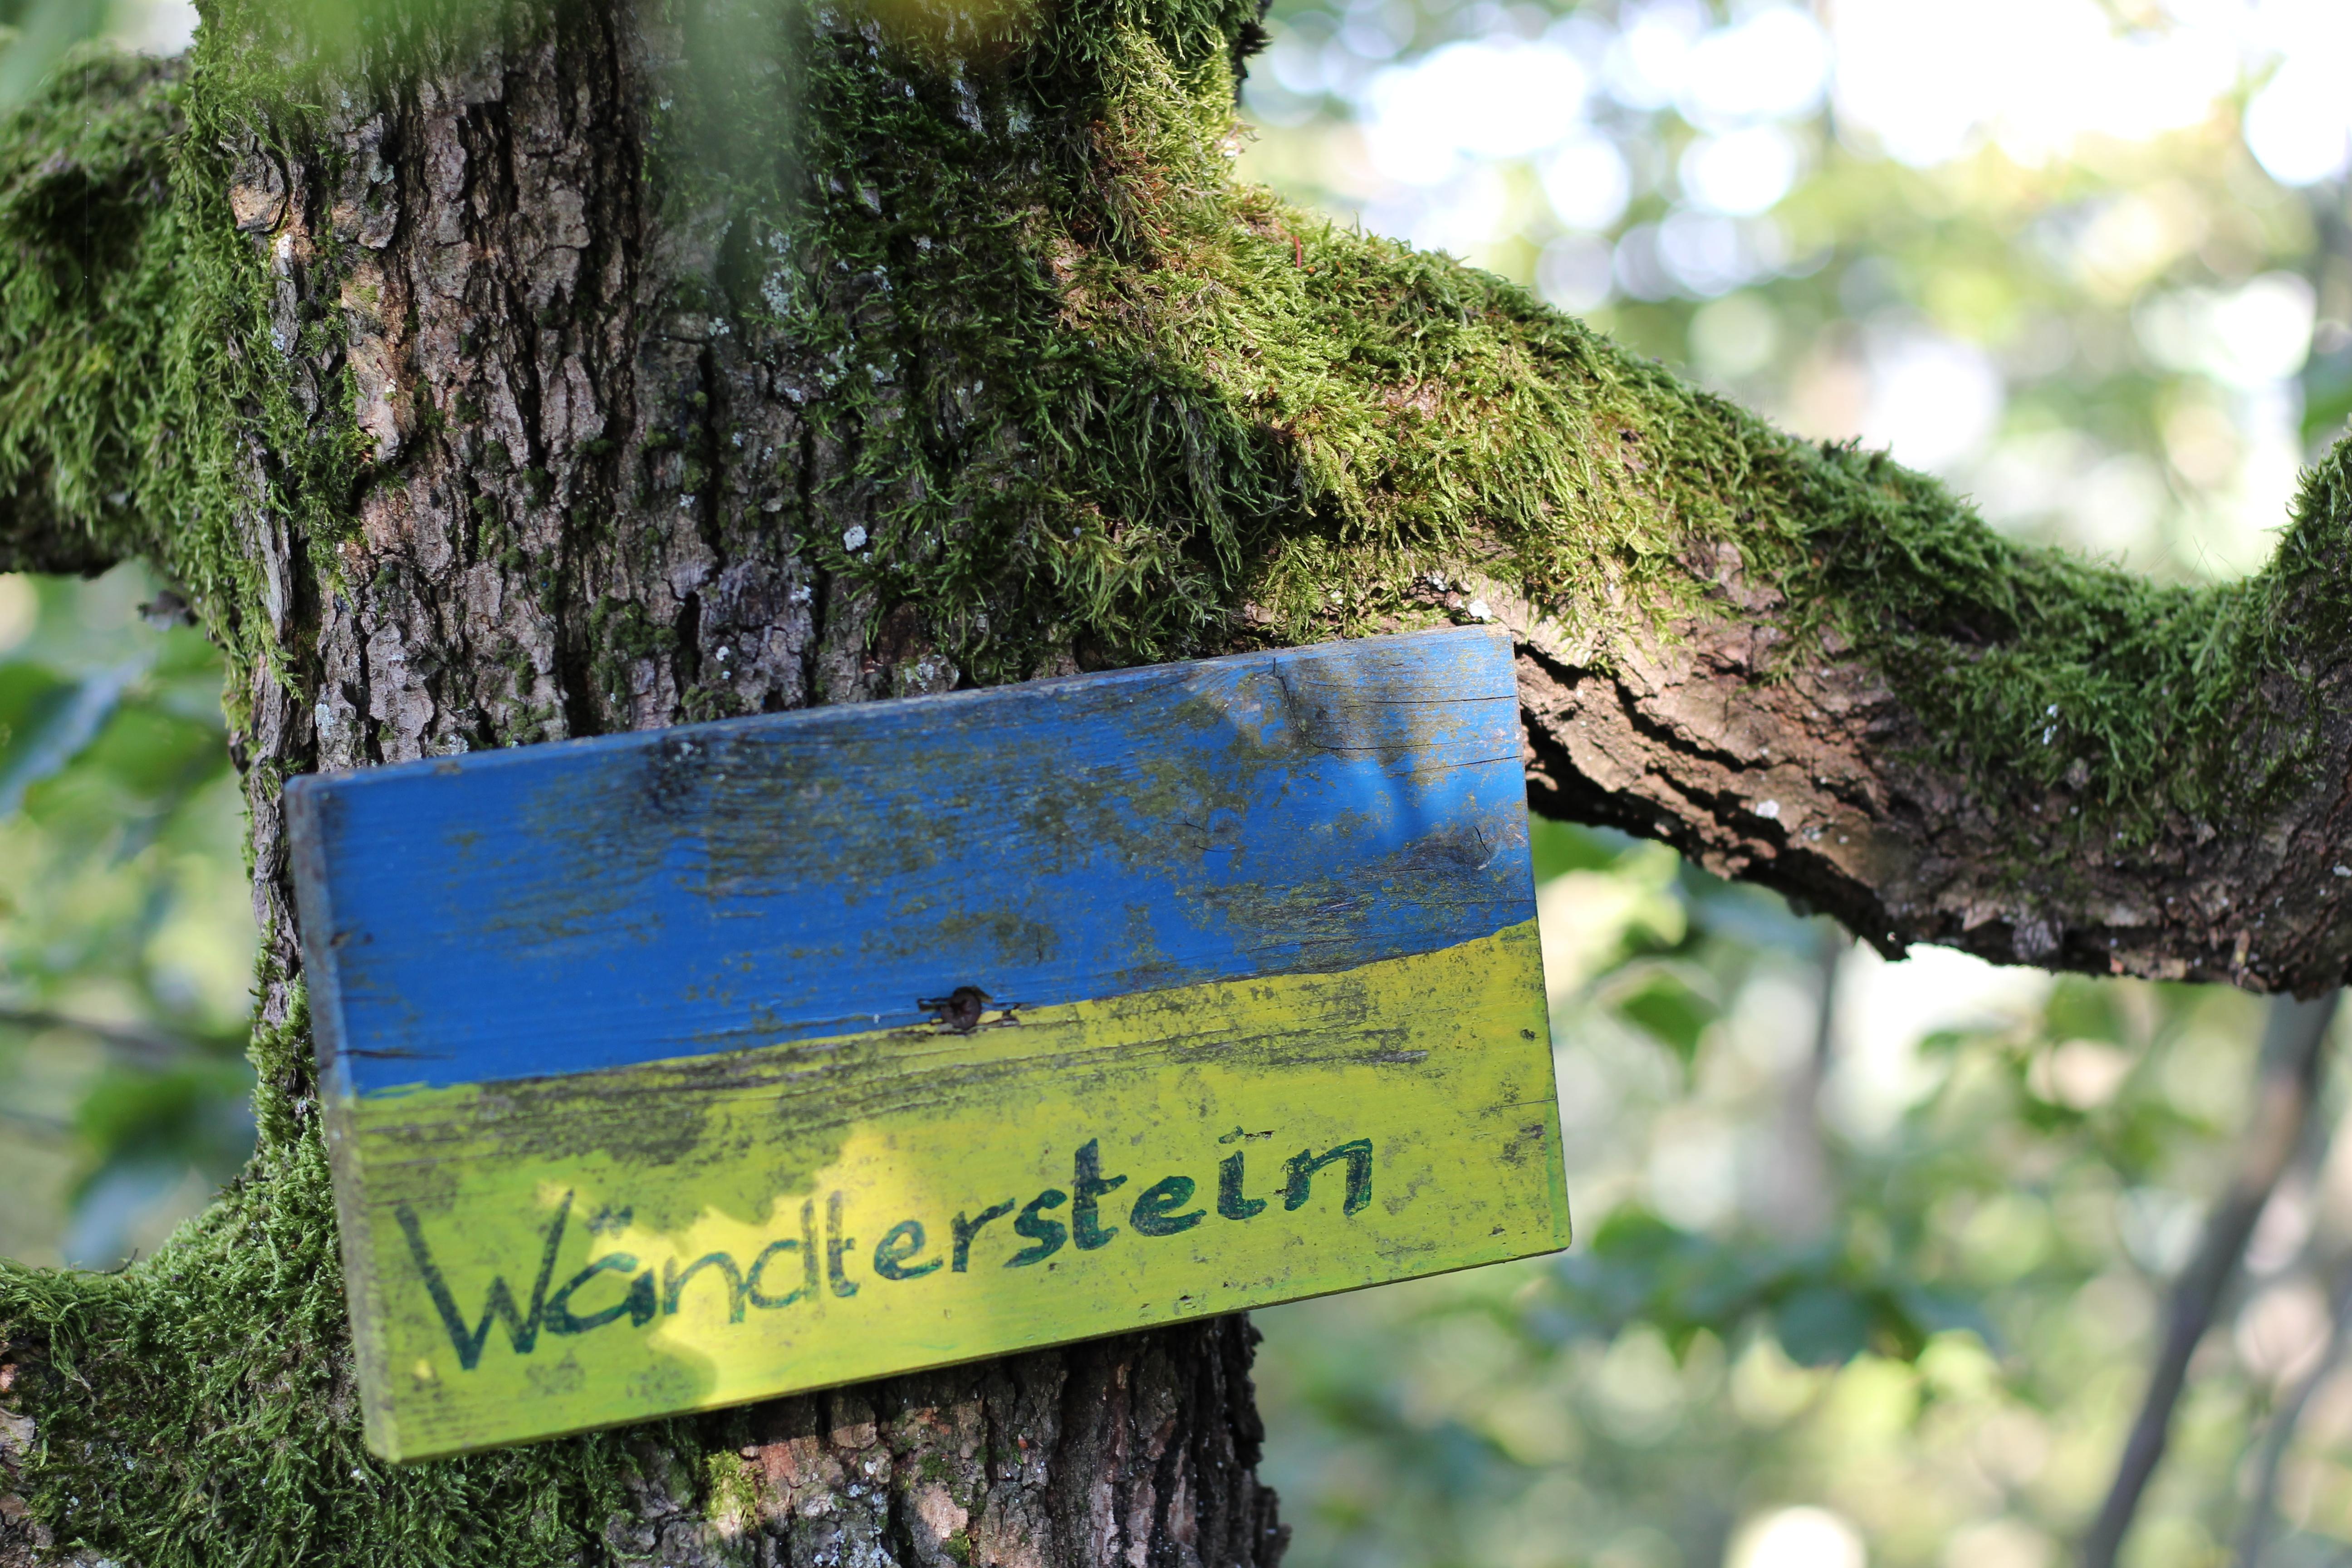 Wendtnerstein Schalenstein Neustatdl an der Donau Homespaheimat Vegan Austria Wanderlust (14)